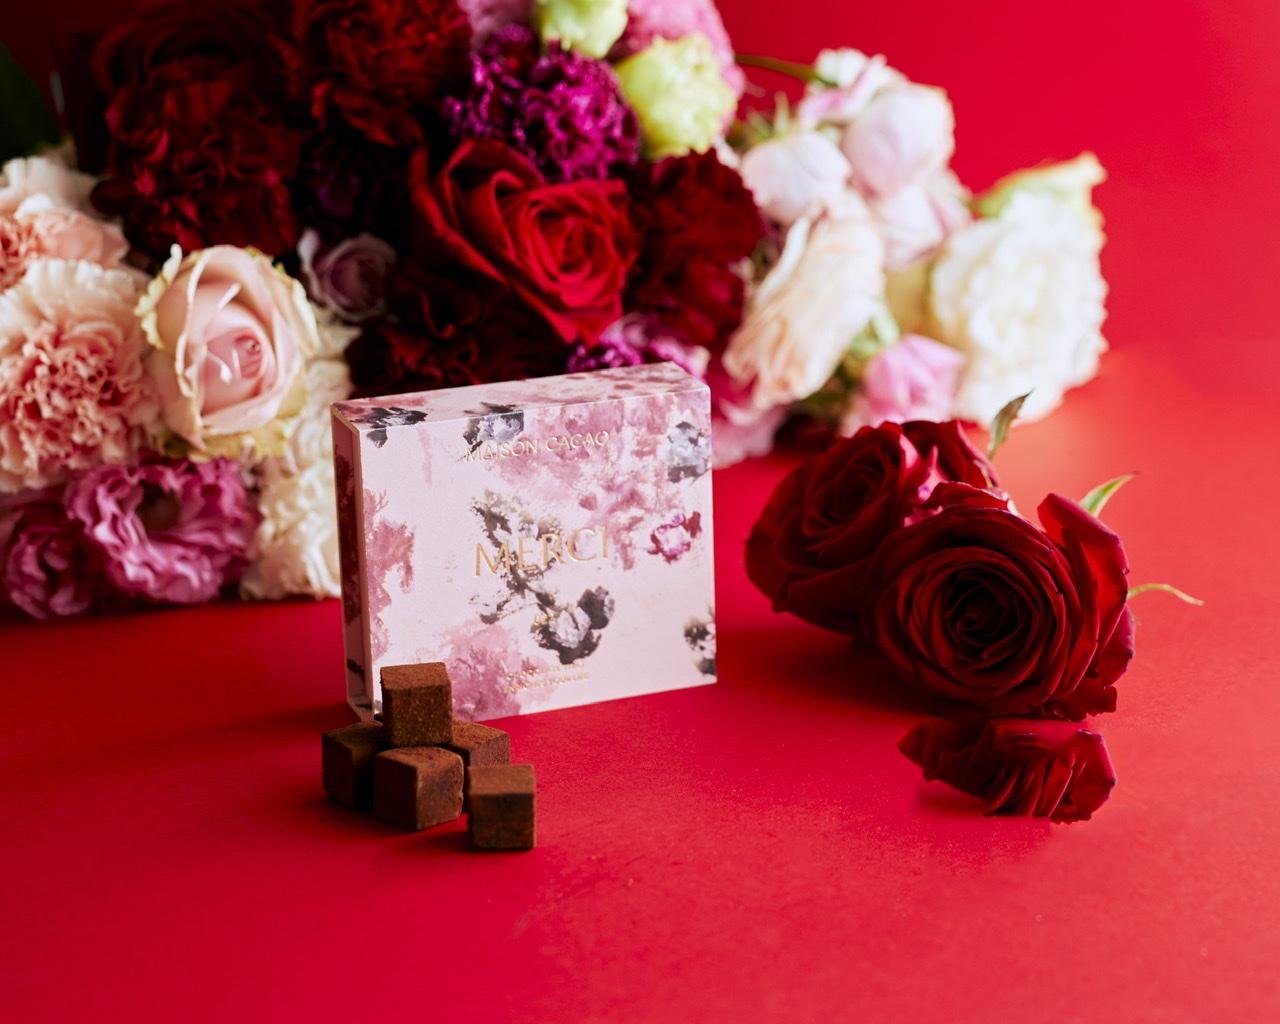 母の日ギフトにおすすめ『MAISON CACAO』の母の日限定「アロマ生チョコレート」